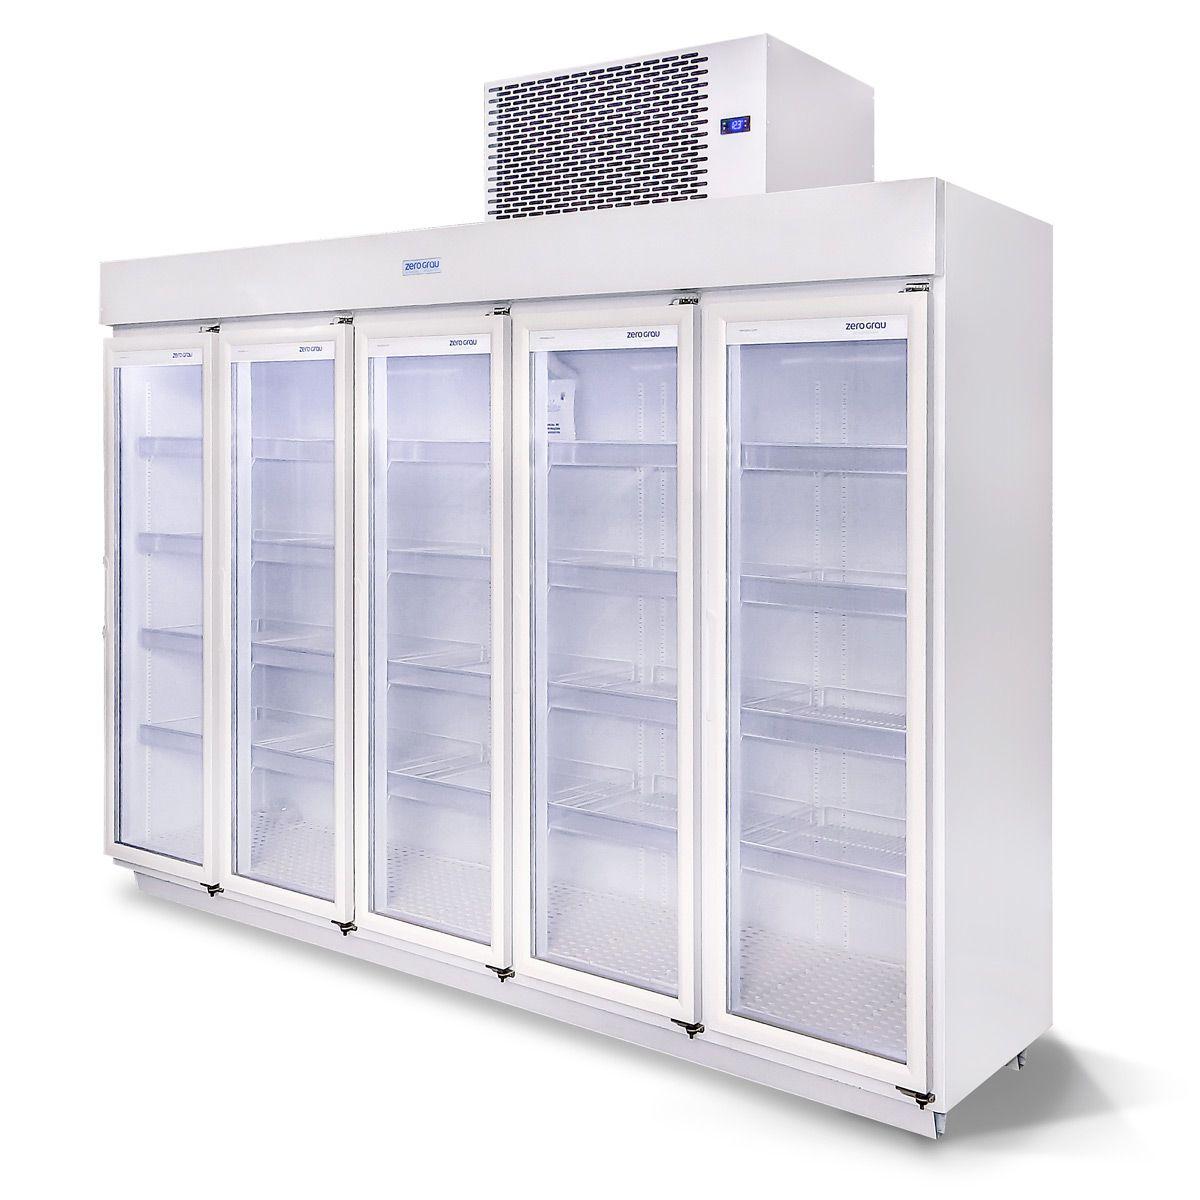 Expositor 2700 Litros 5 Portas para Congelados Até -18 Graus